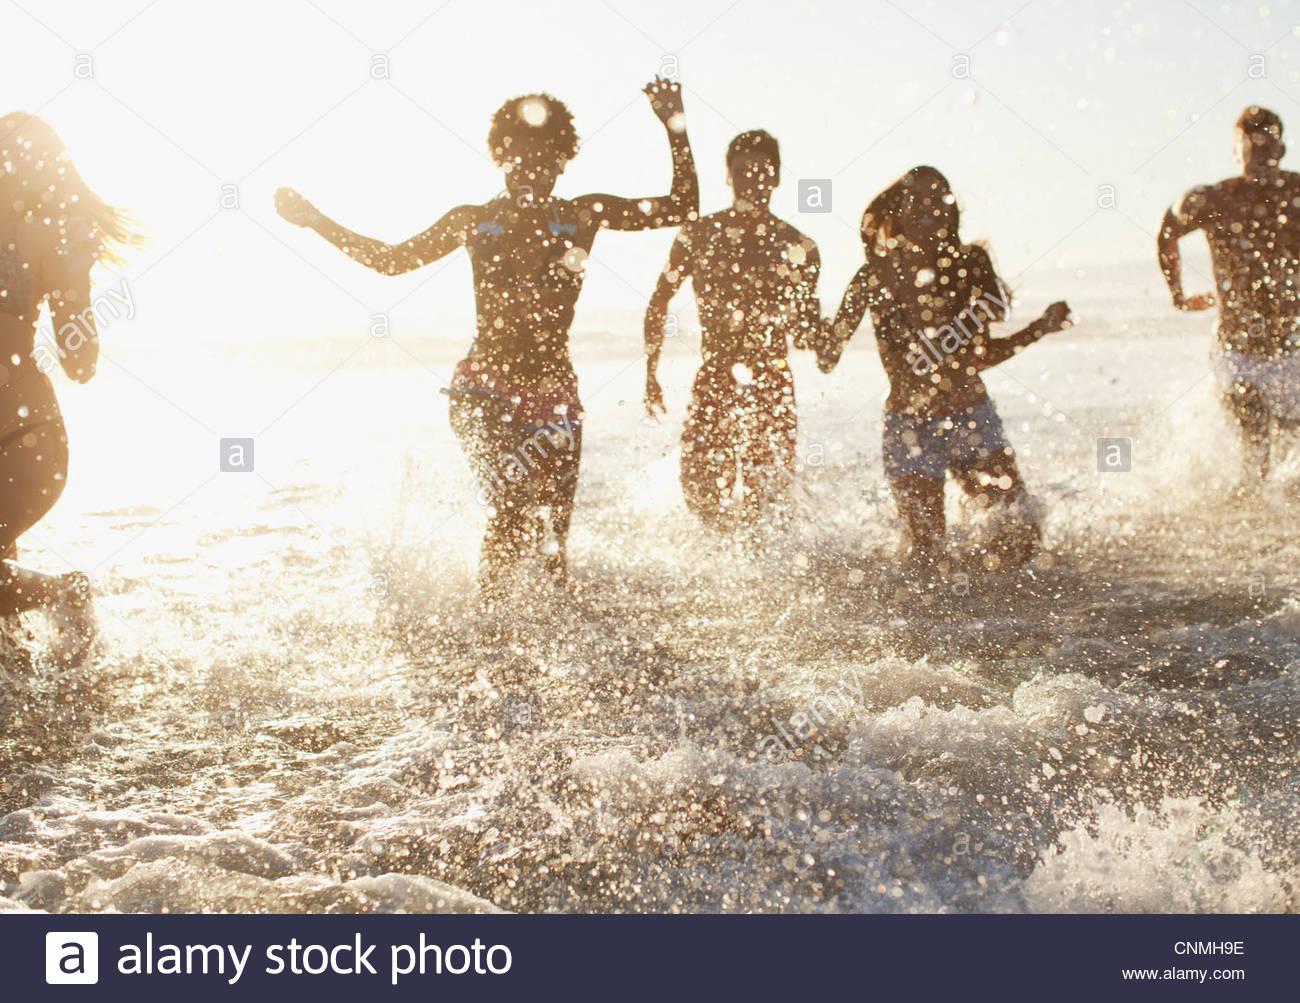 Amigos a jogar em ondas na praia Imagens de Stock